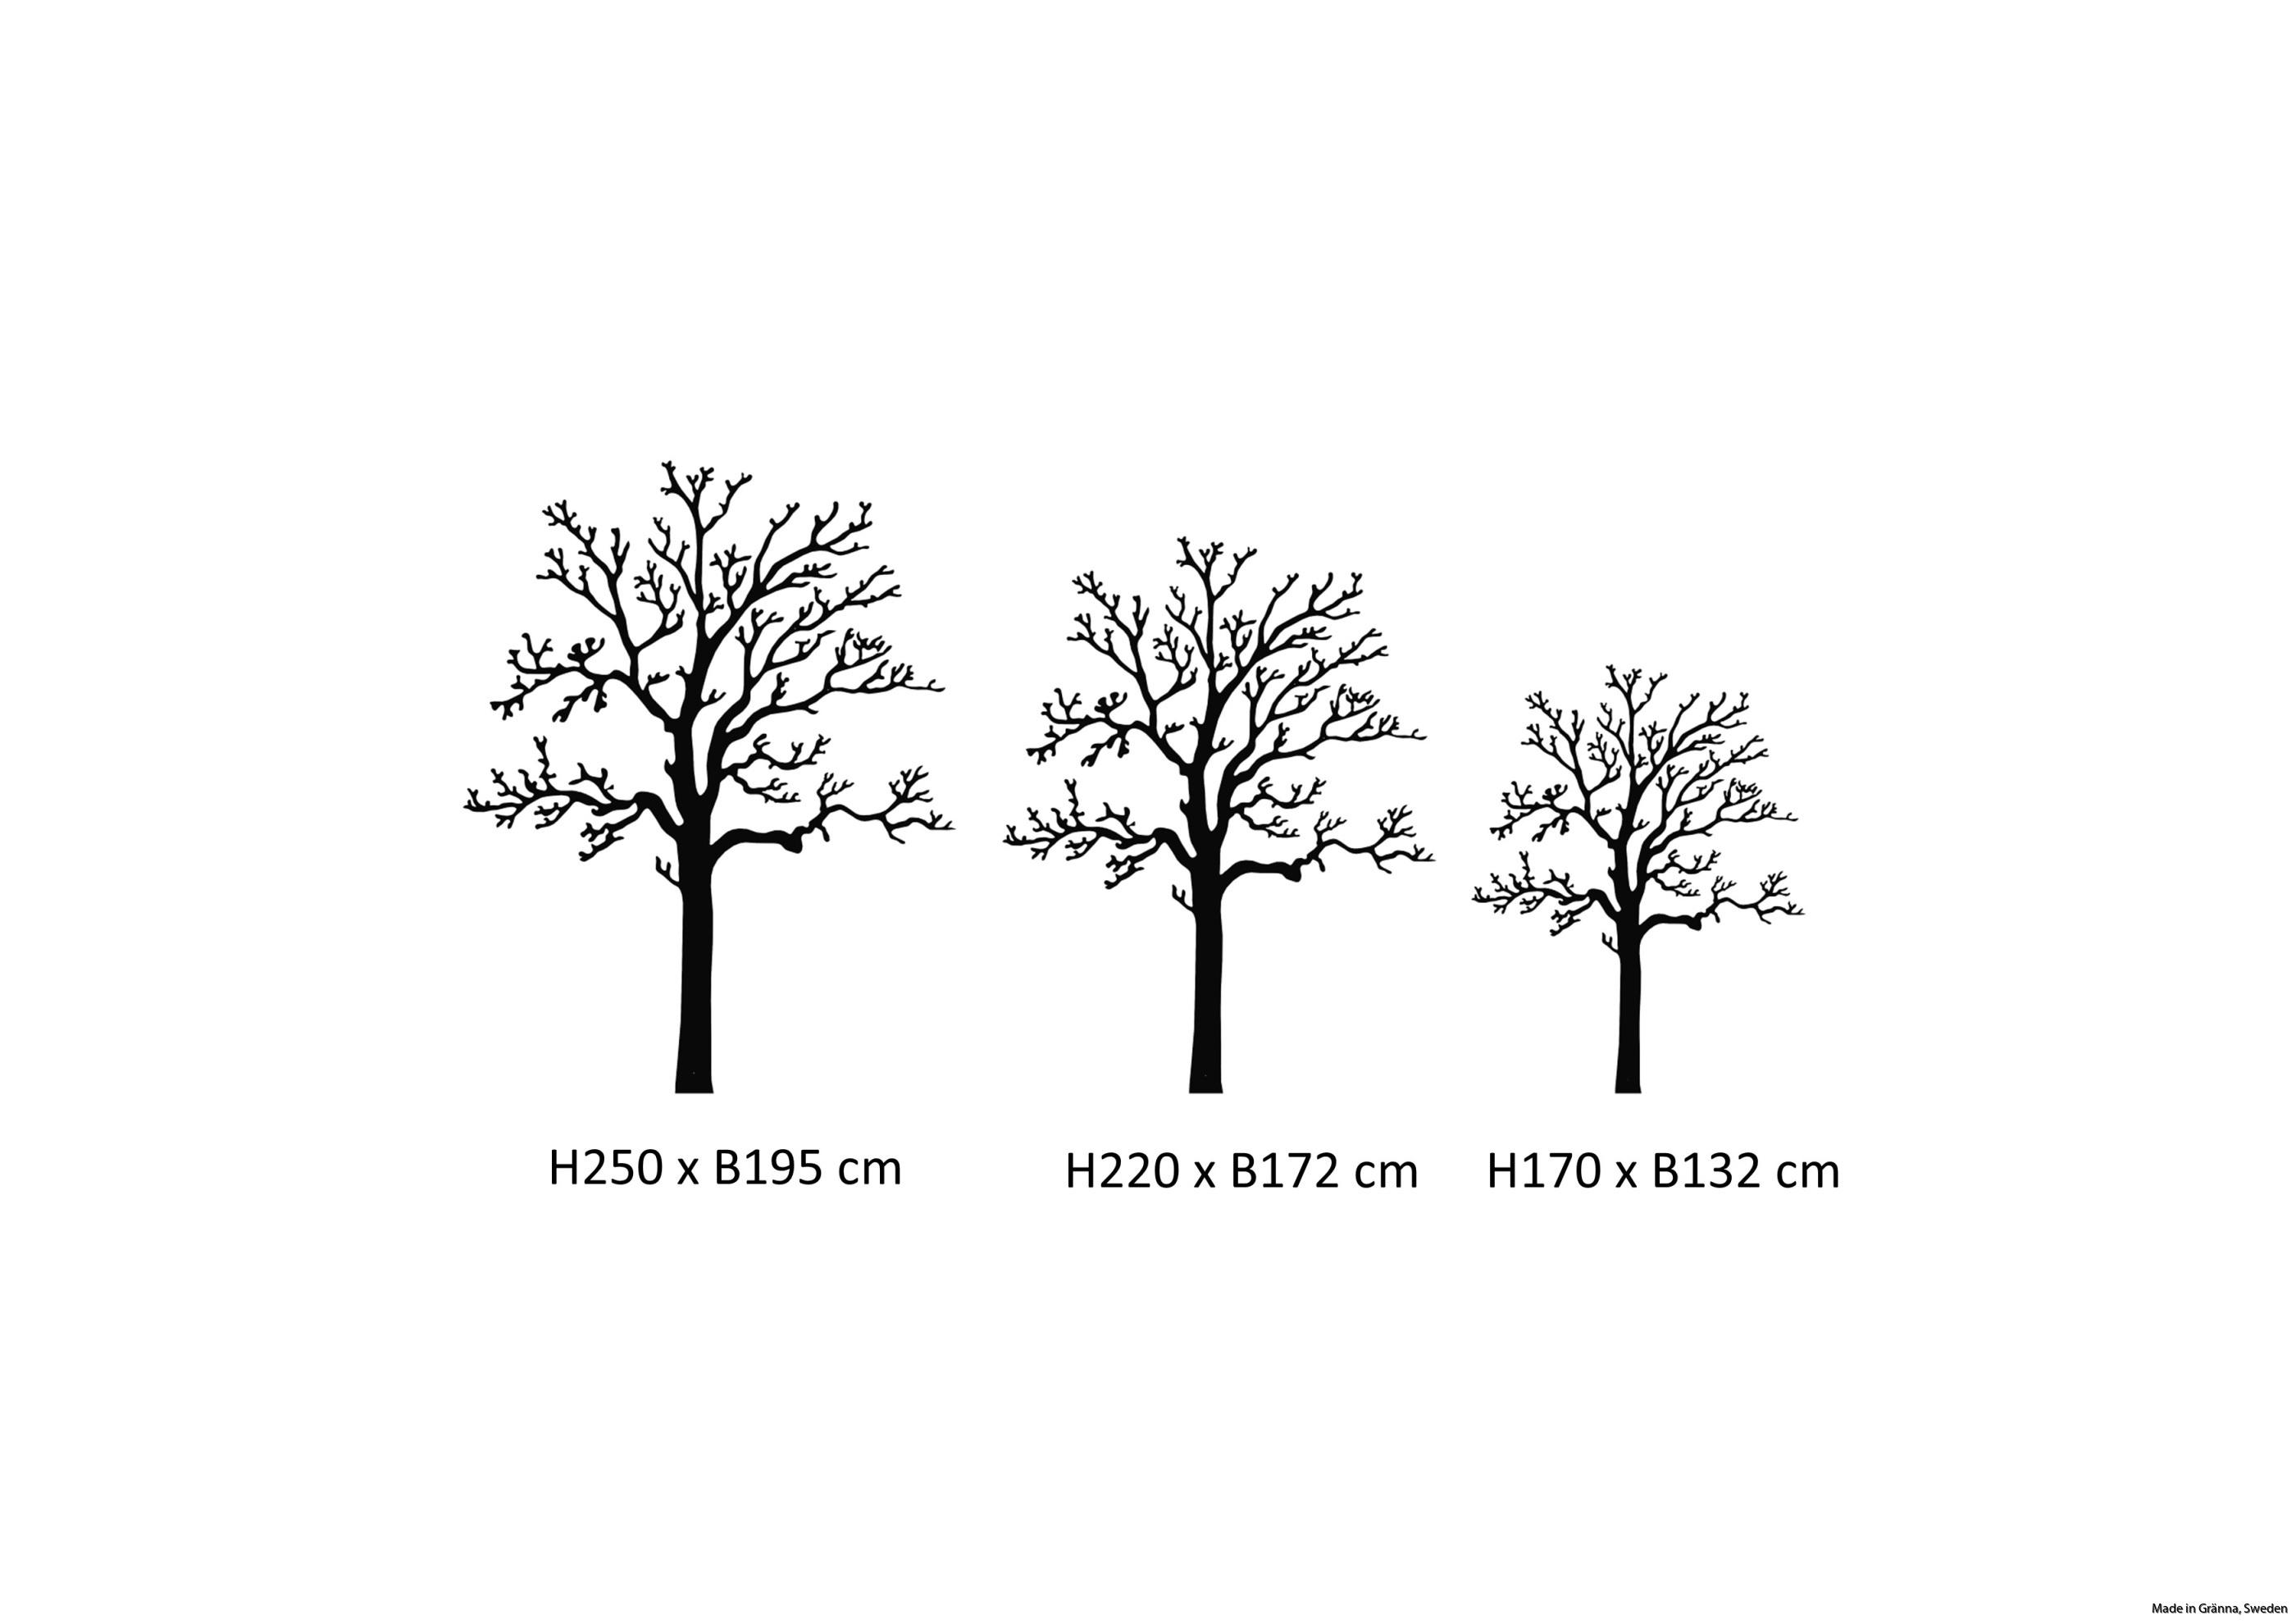 Väggträd i de tre största storlekarna